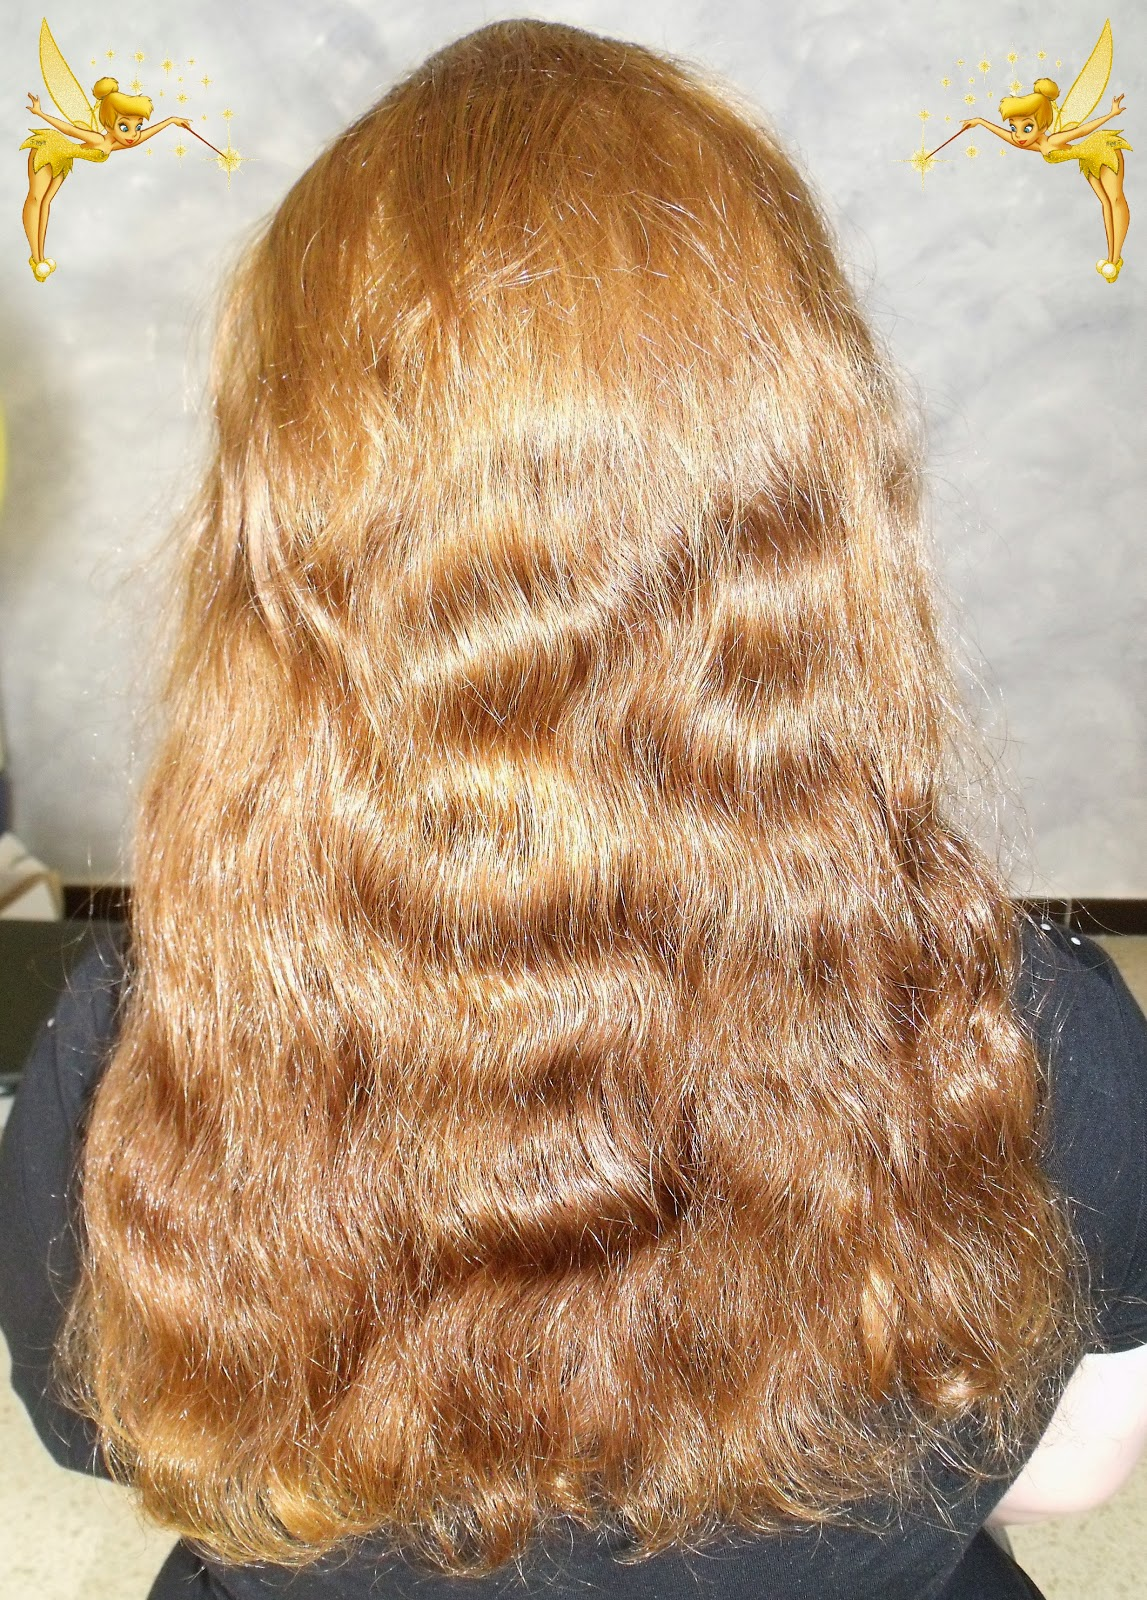 Les masques de moutarde pour les cheveux des matières grasses